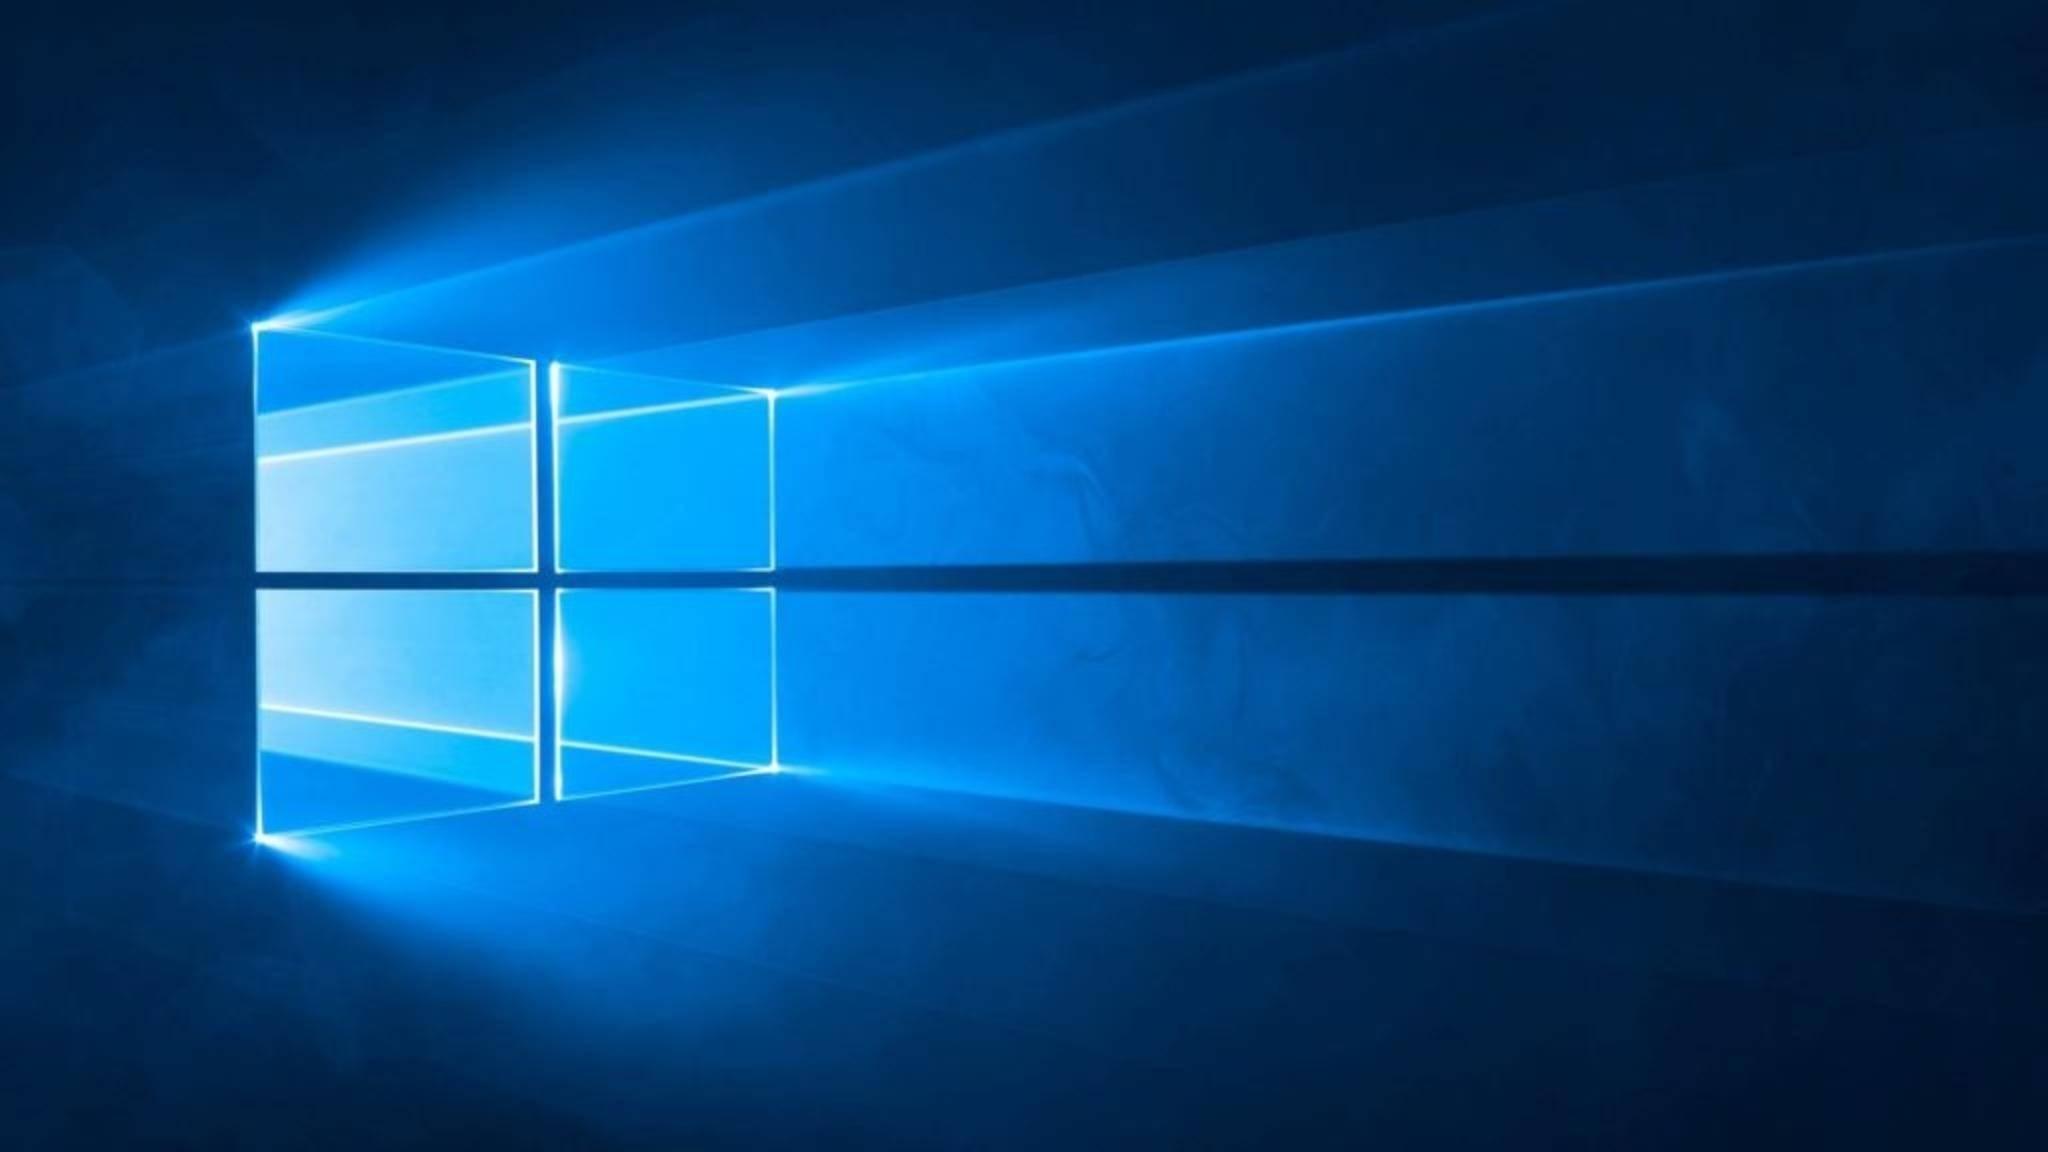 Microsoft arbeitet derzeit an einem veränderten Startmenü für Windows 10.